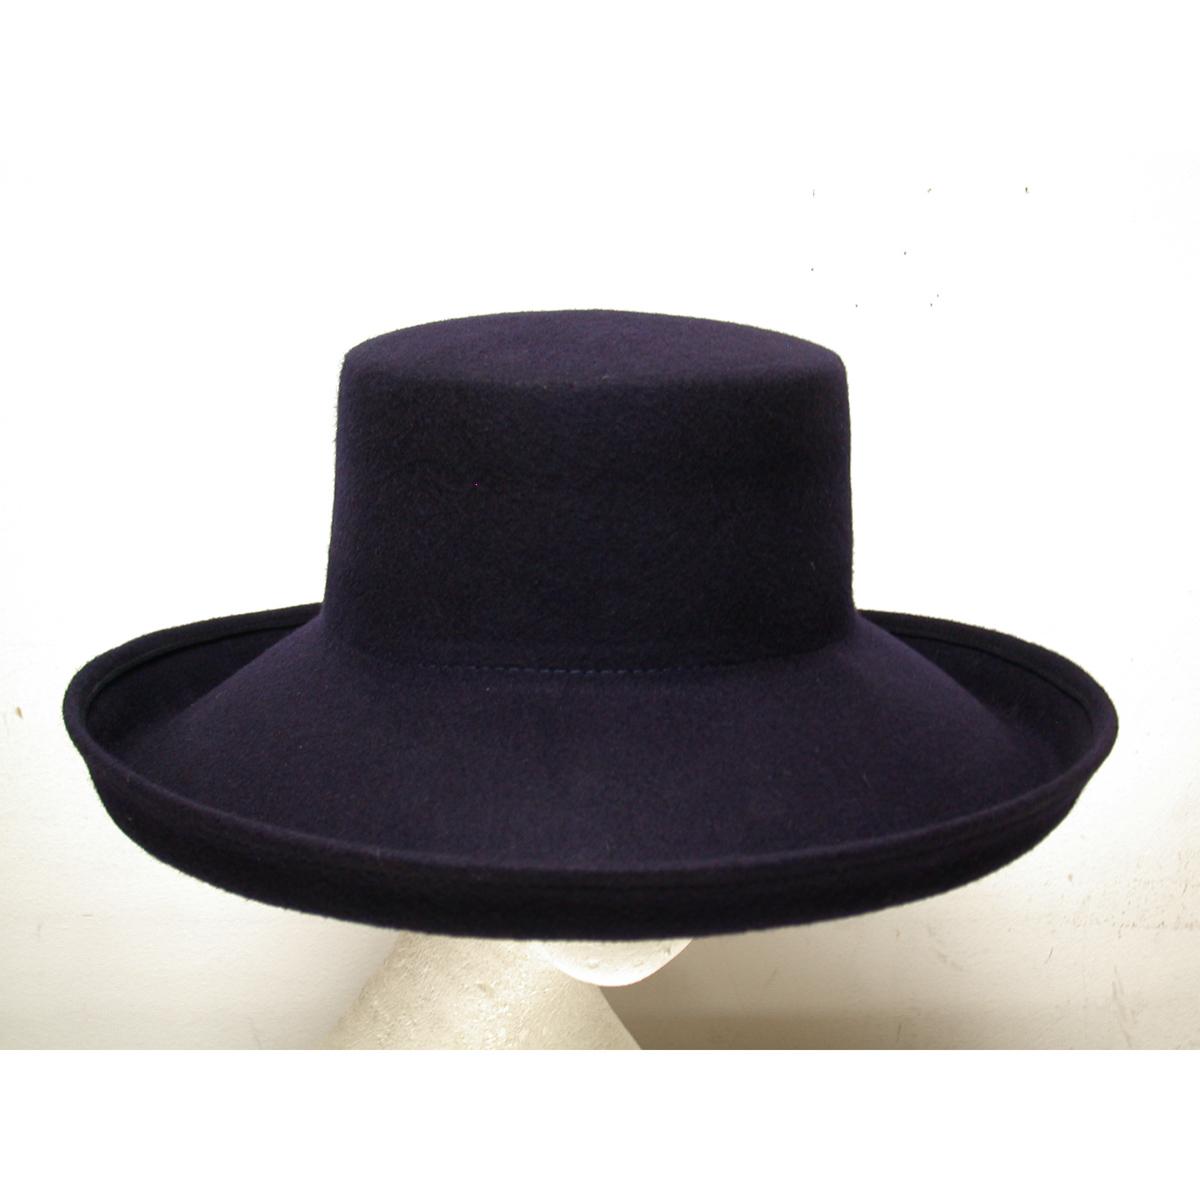 Navy Wide Kettle Brim Flat Top Felt Plain Hats-W0126-NAVY- Sun Yorkos  a4ede1cf706